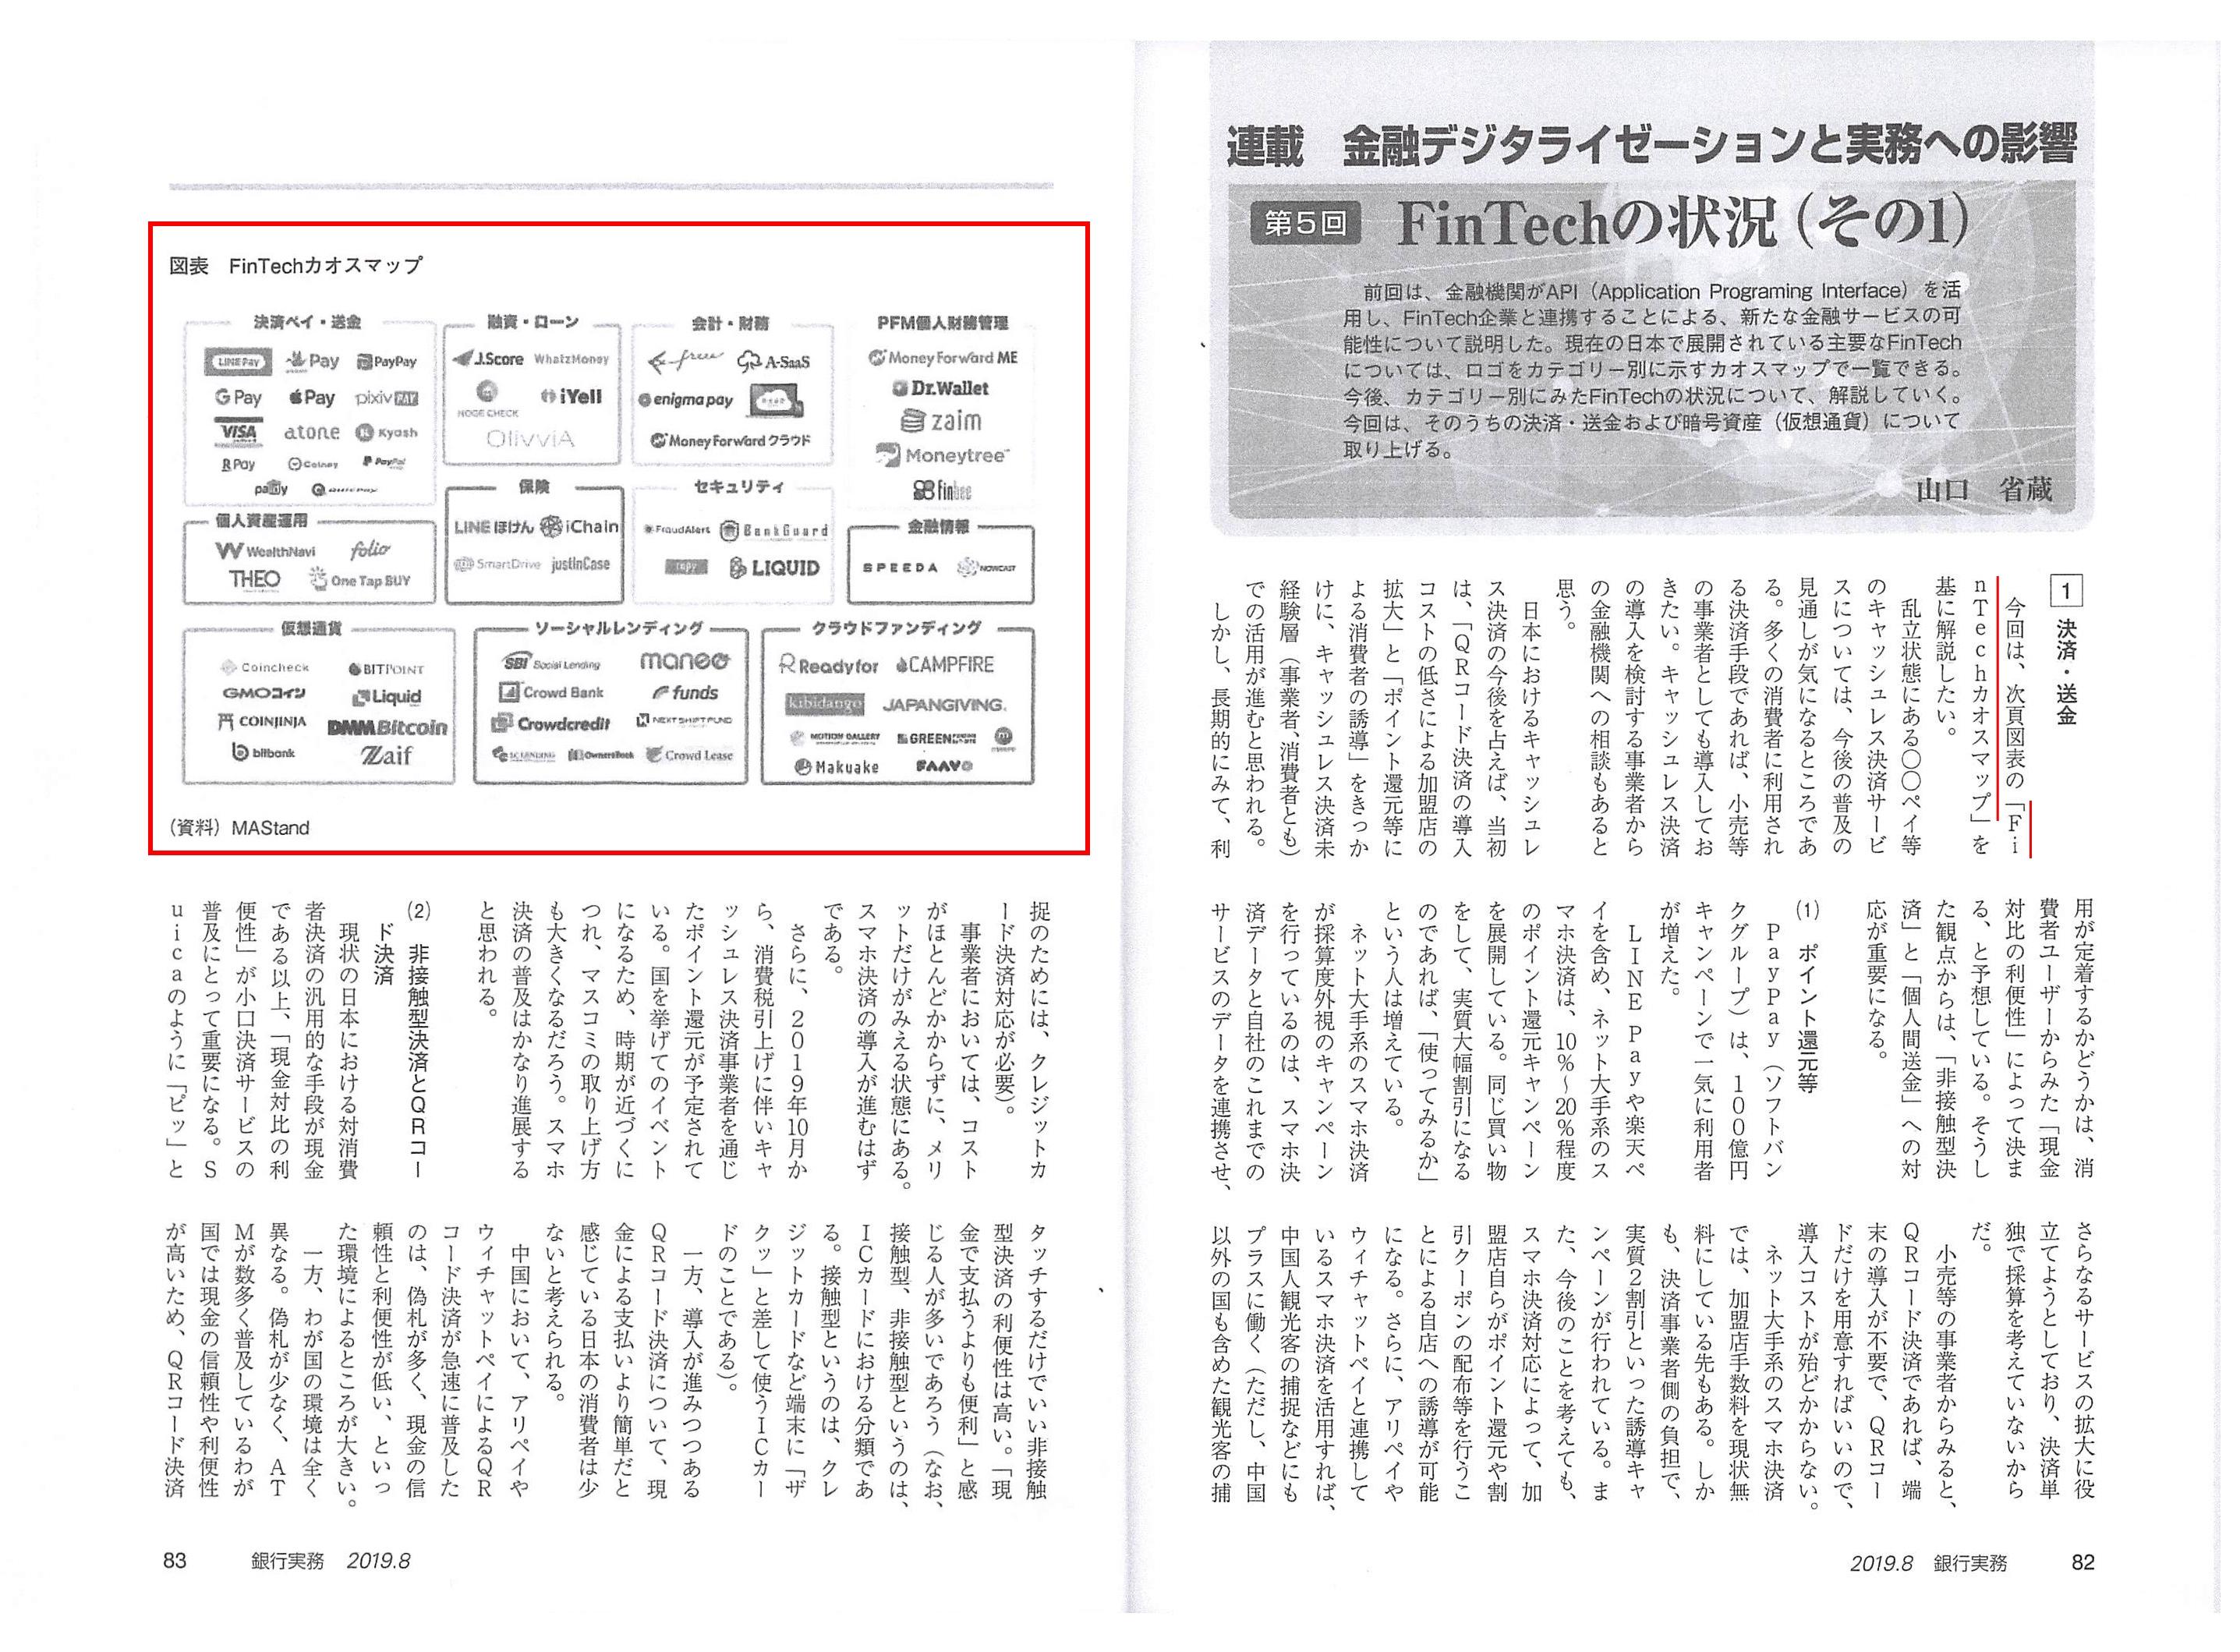 銀行実務8月号に掲載されたフィンテックカオスマップ